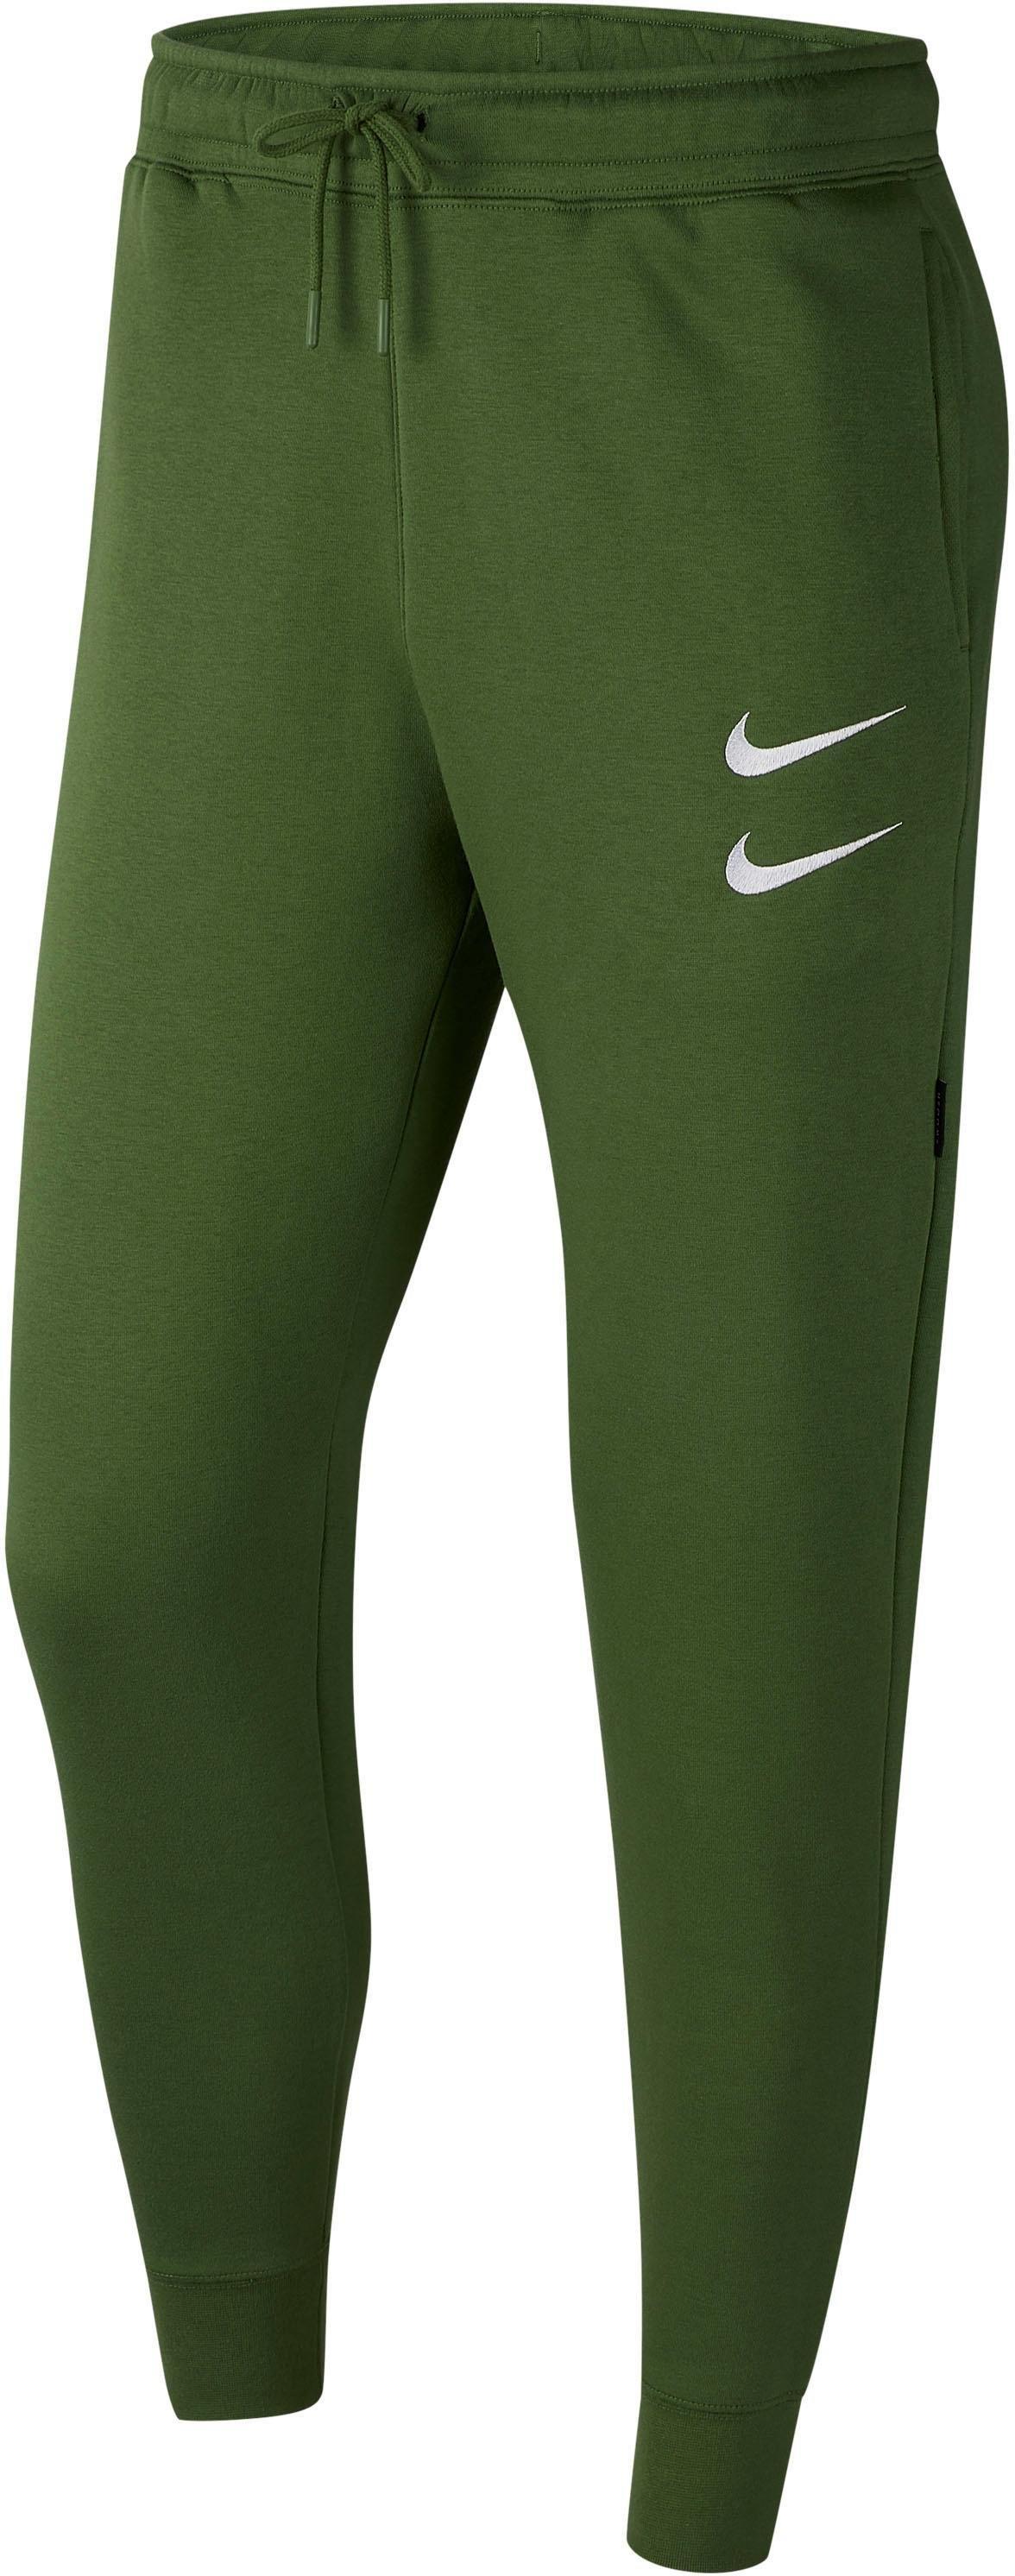 Nike Sportswear joggingbroek »Nike Sportswear Swoosh Men's Pants« nu online bestellen